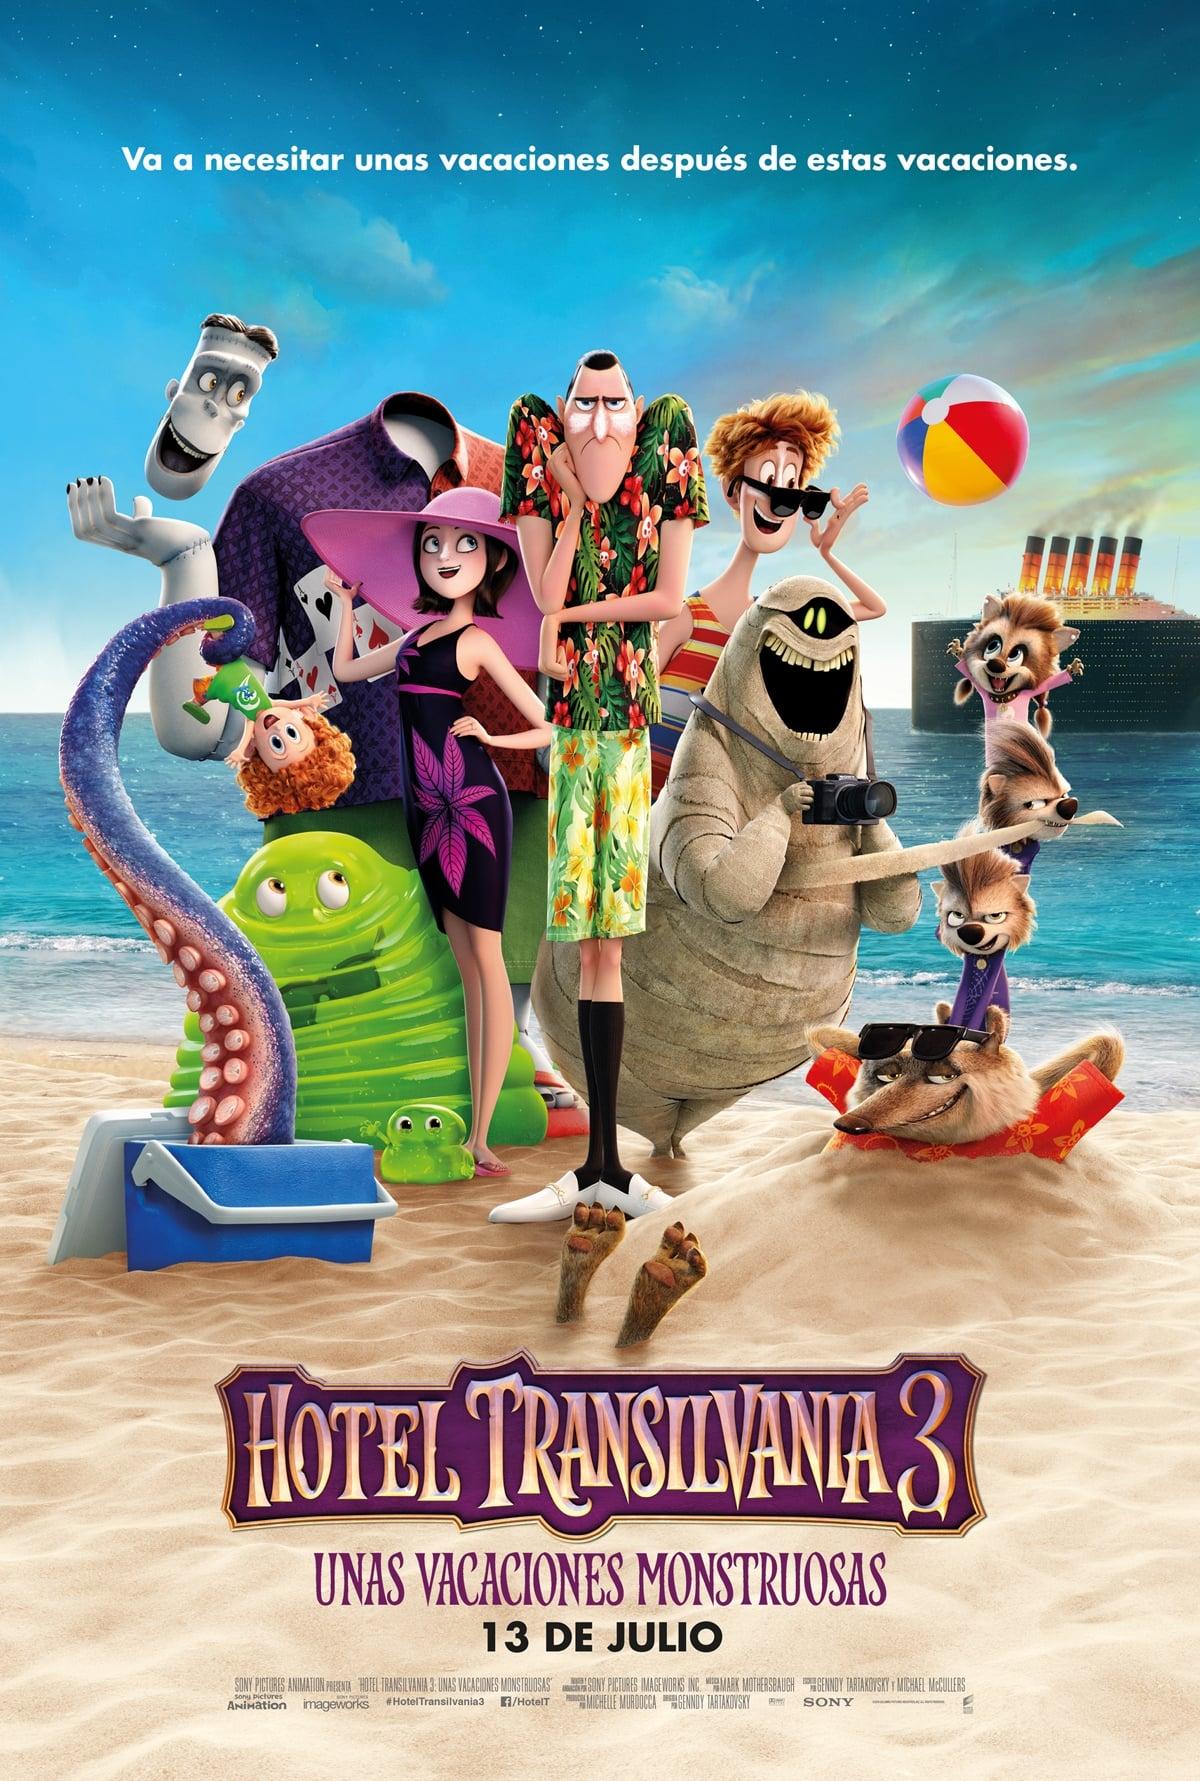 Póster Hotel Transilvania 3: Unas vacaciones monstruosas